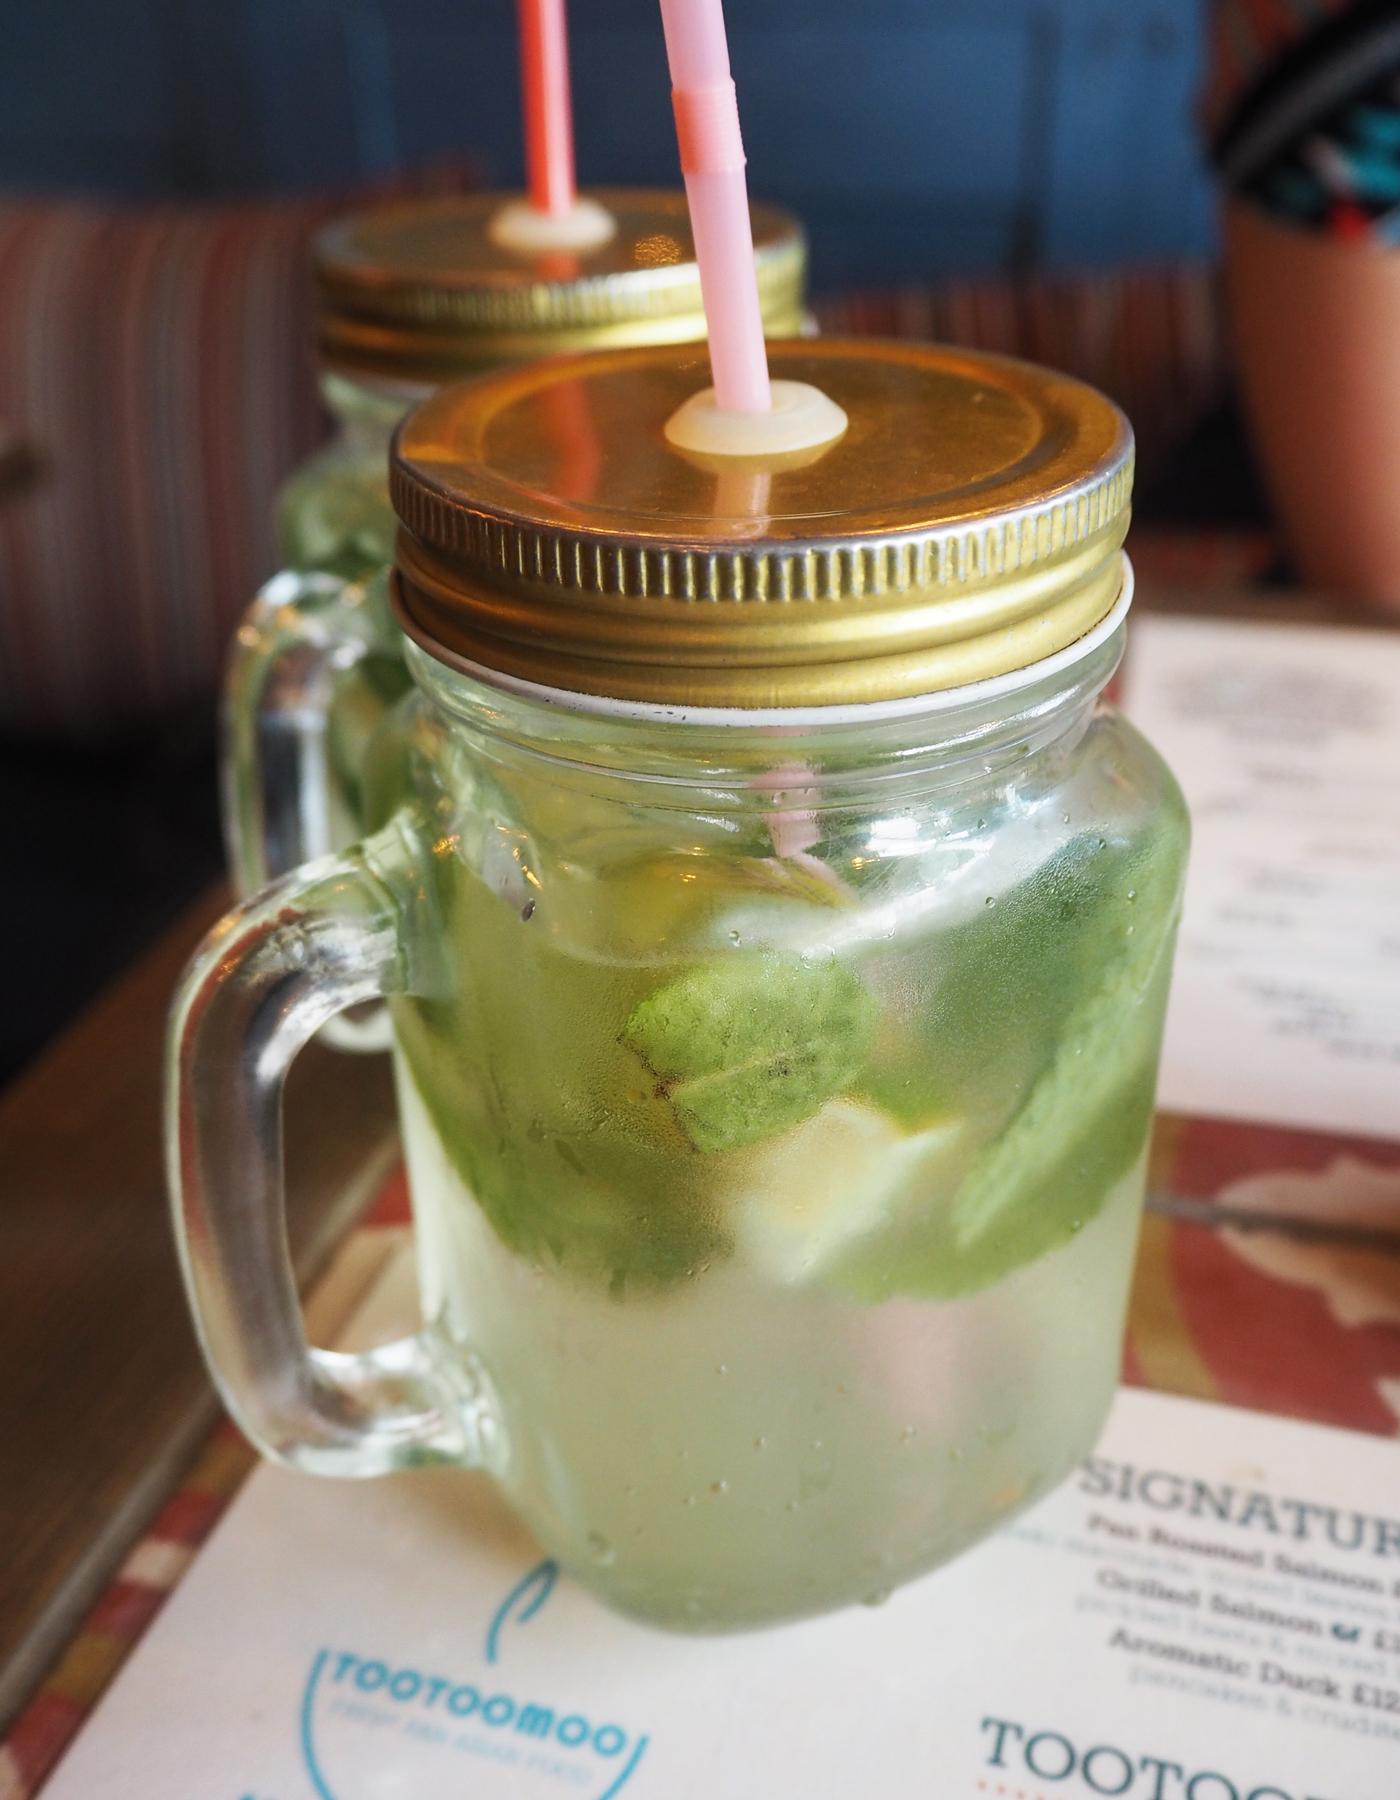 Elderflower Tootoomoo cocktail